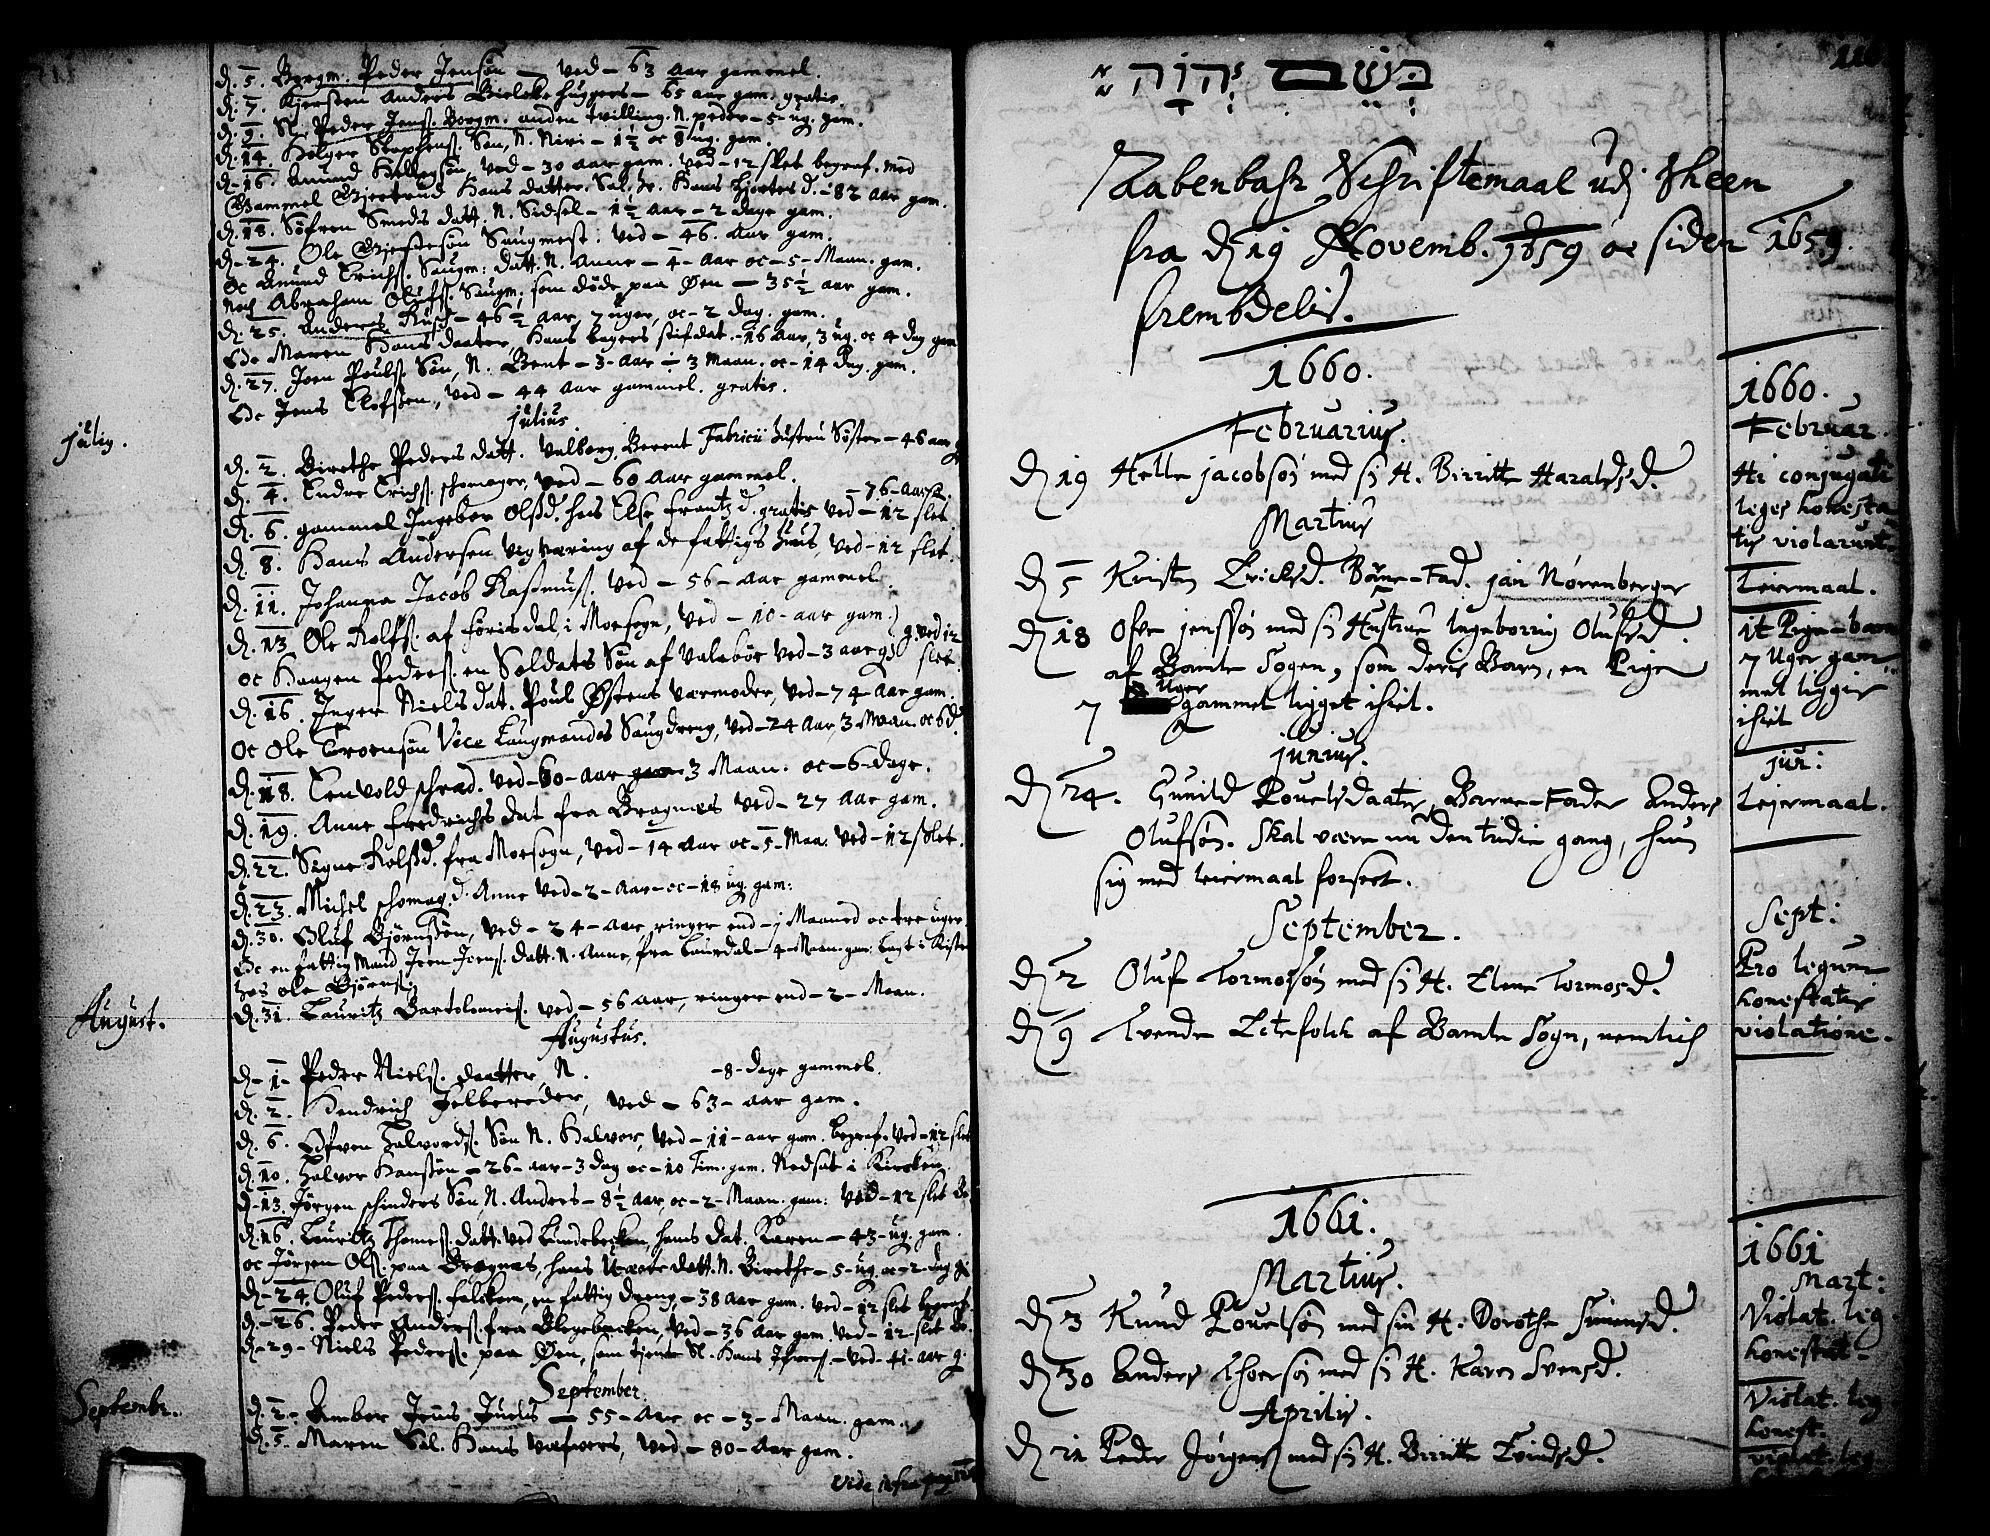 SAKO, Skien kirkebøker, F/Fa/L0001: Ministerialbok nr. 1, 1659-1679, s. 116